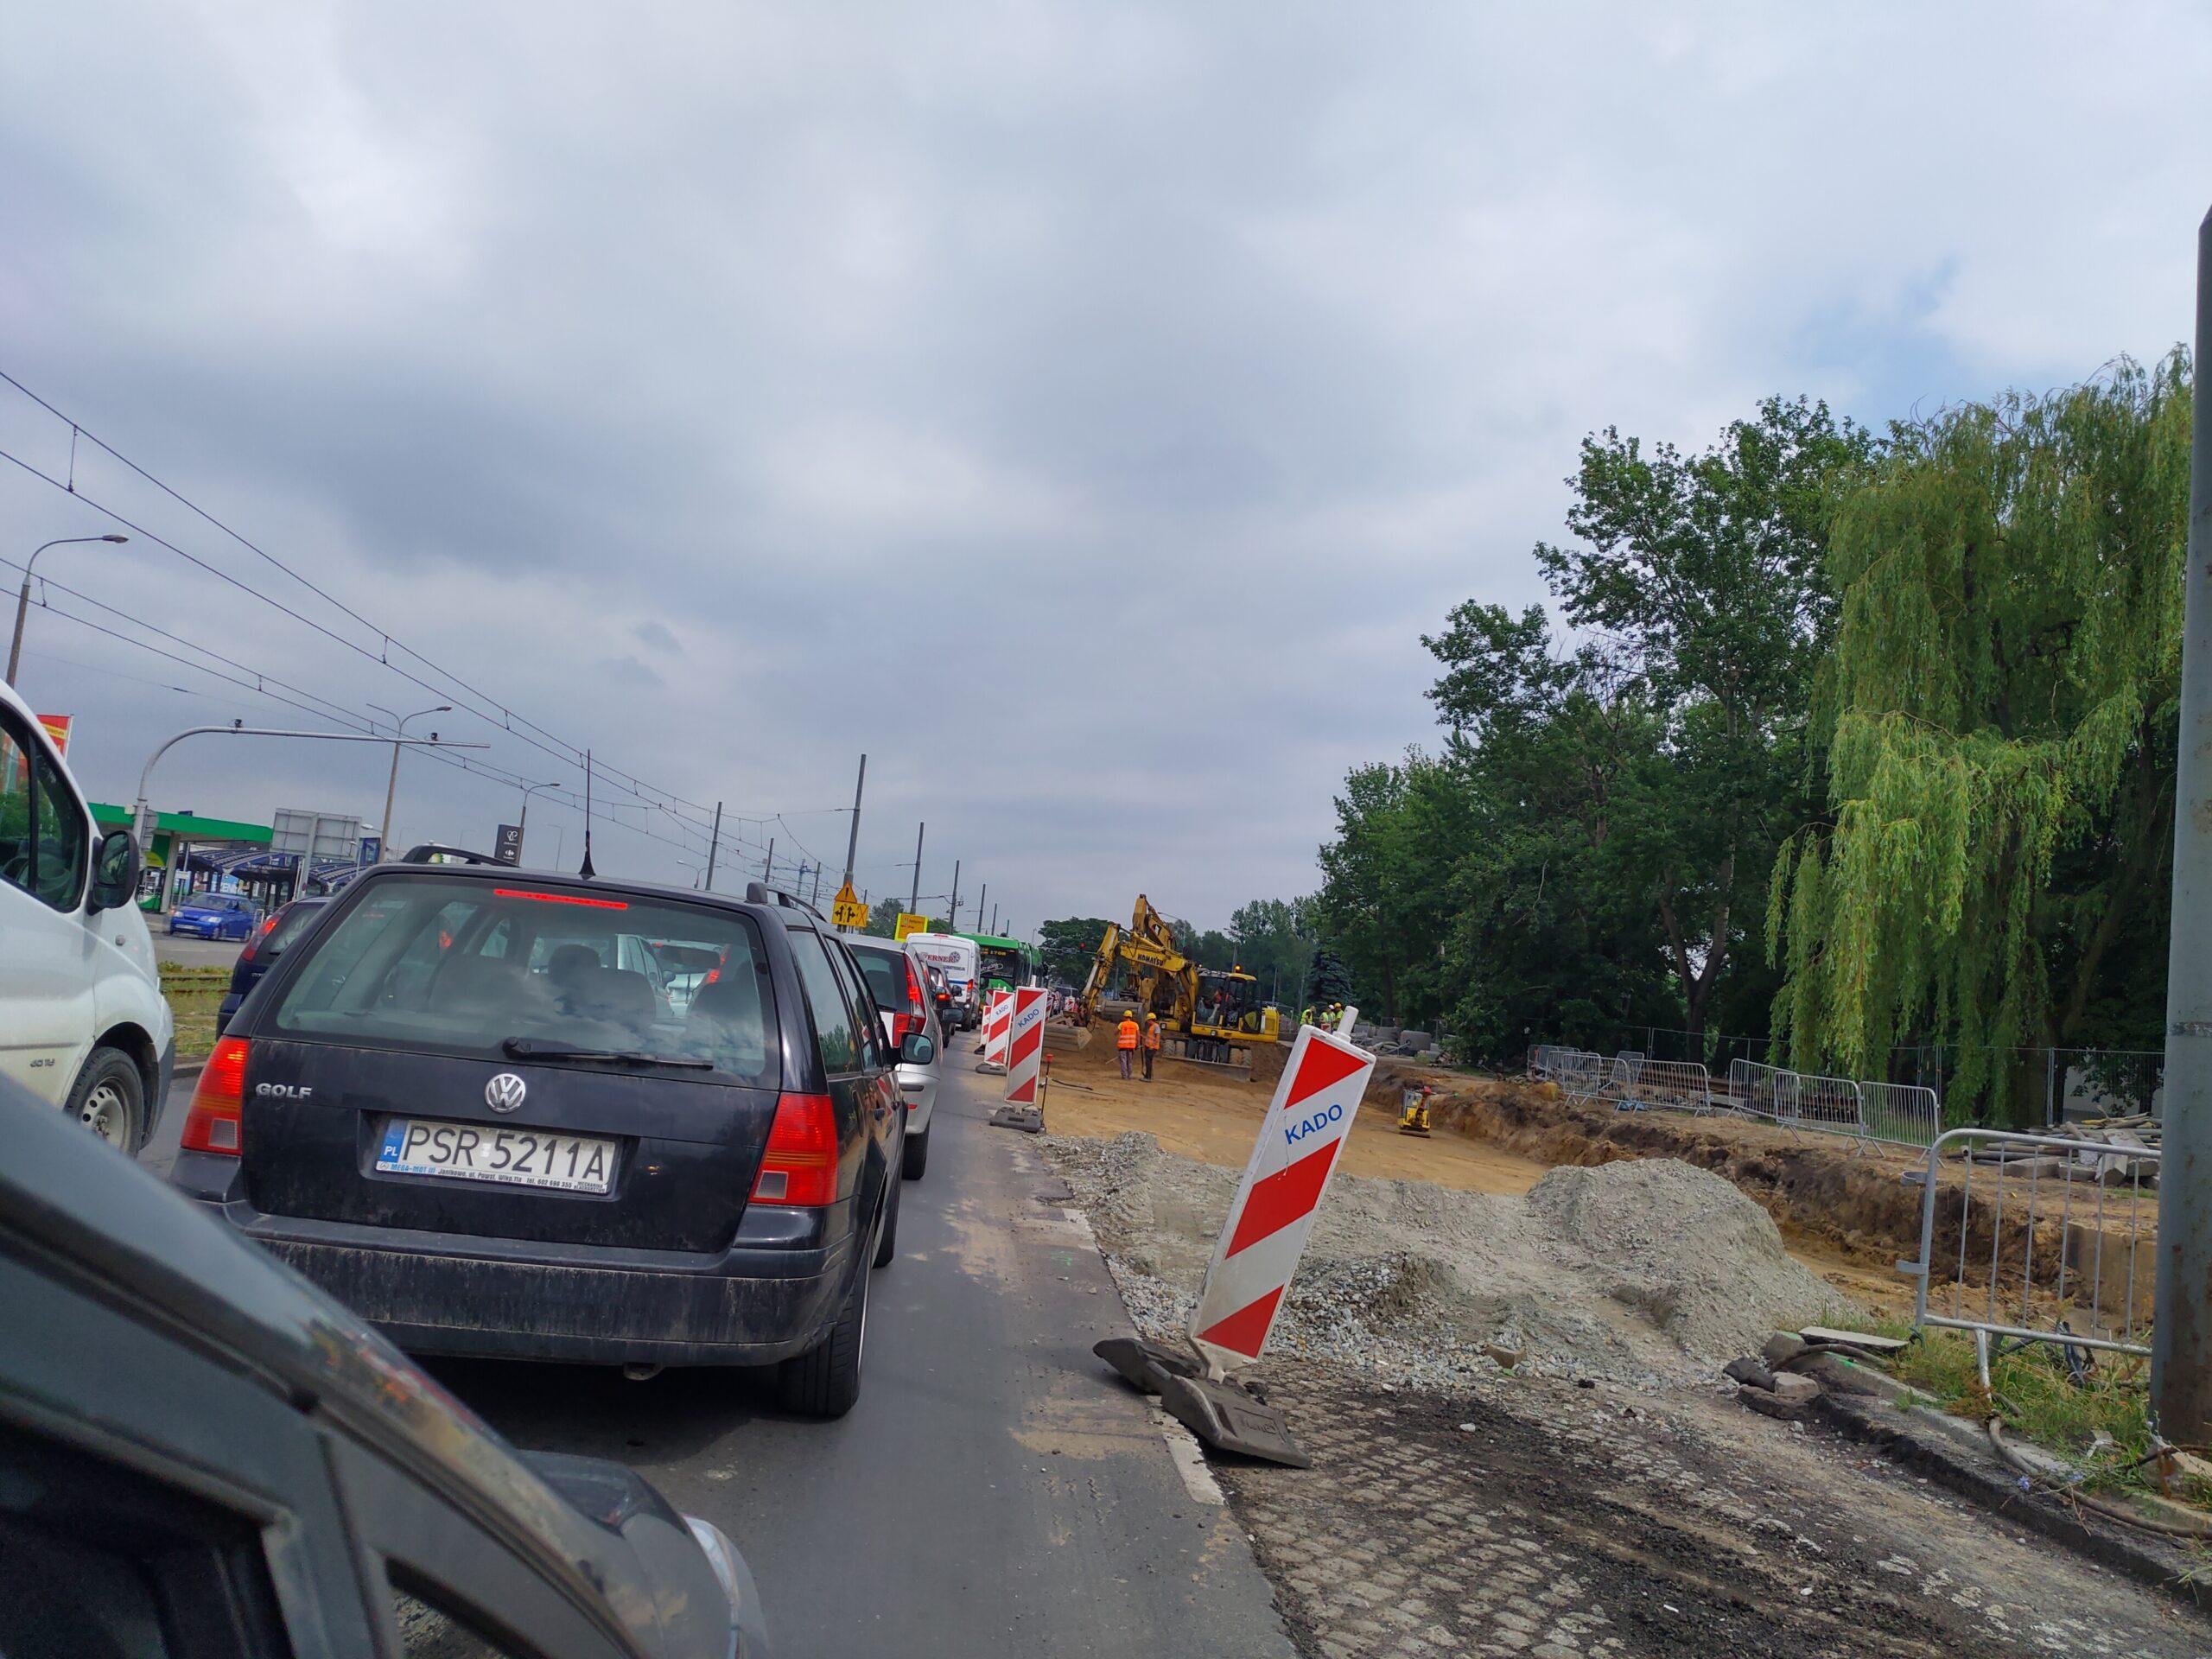 Kolejne zmiany przy Rondzie Rataje. Jeszcze większe utrudnienia od strony centrum miasta